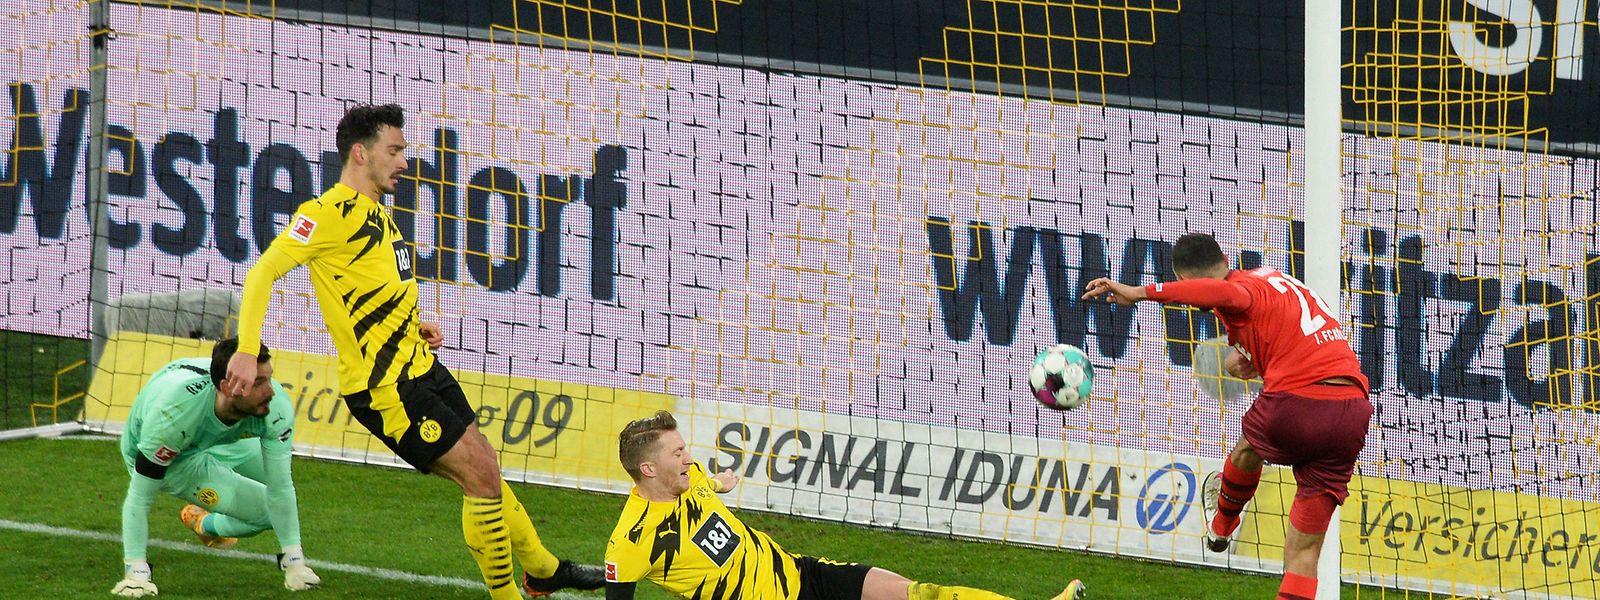 Kölns Ellyes Skhiri (r.) erzielt zwei Tore gegen Dortmund und schießt sein Team zum Sieg.